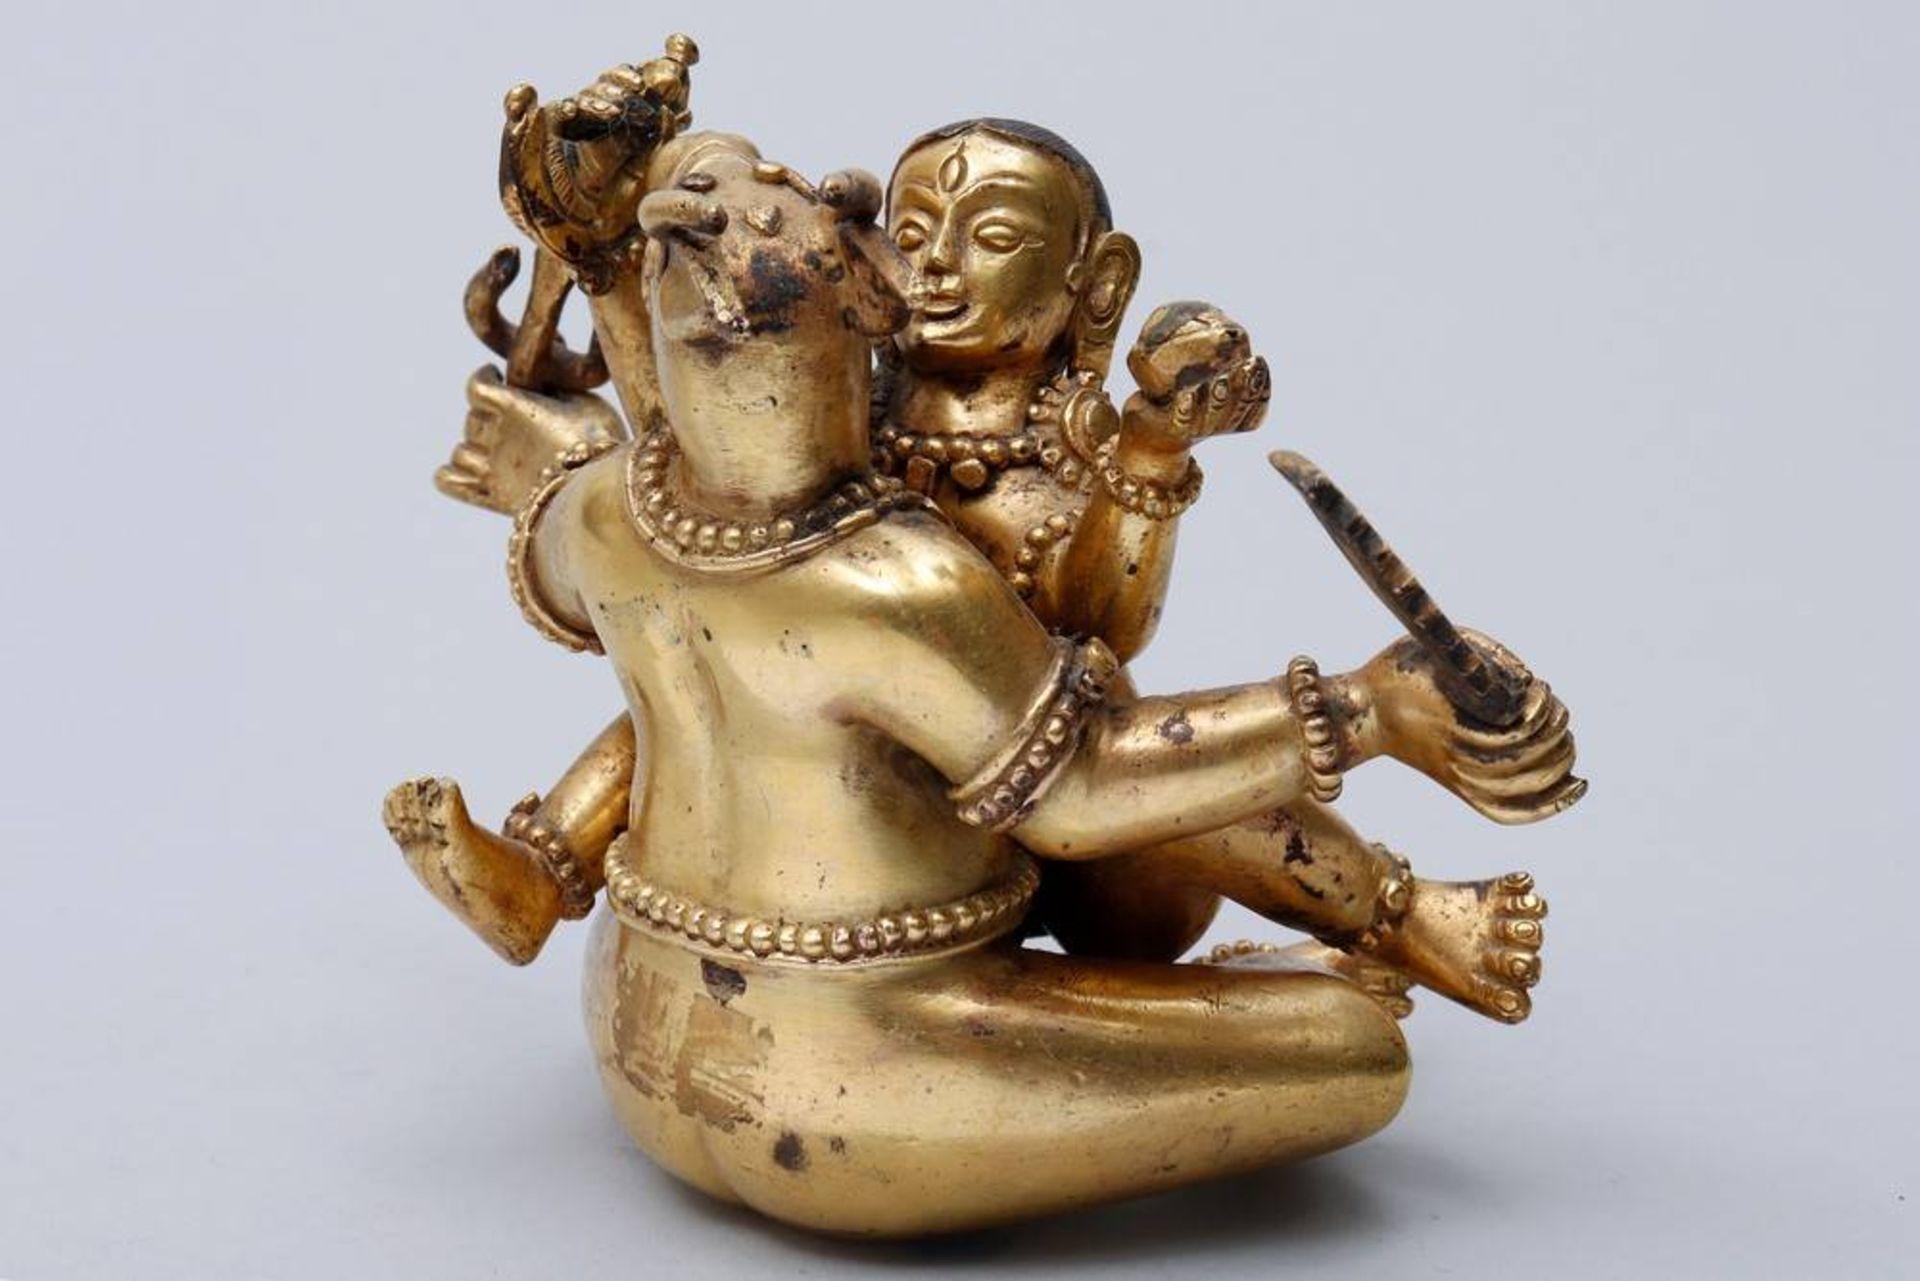 Buddhistische Gottheit Nepal/Tibet, 18./19.Jh., wohl Yama Dharmaraja mit Chamundi, in sitzender - Bild 3 aus 10